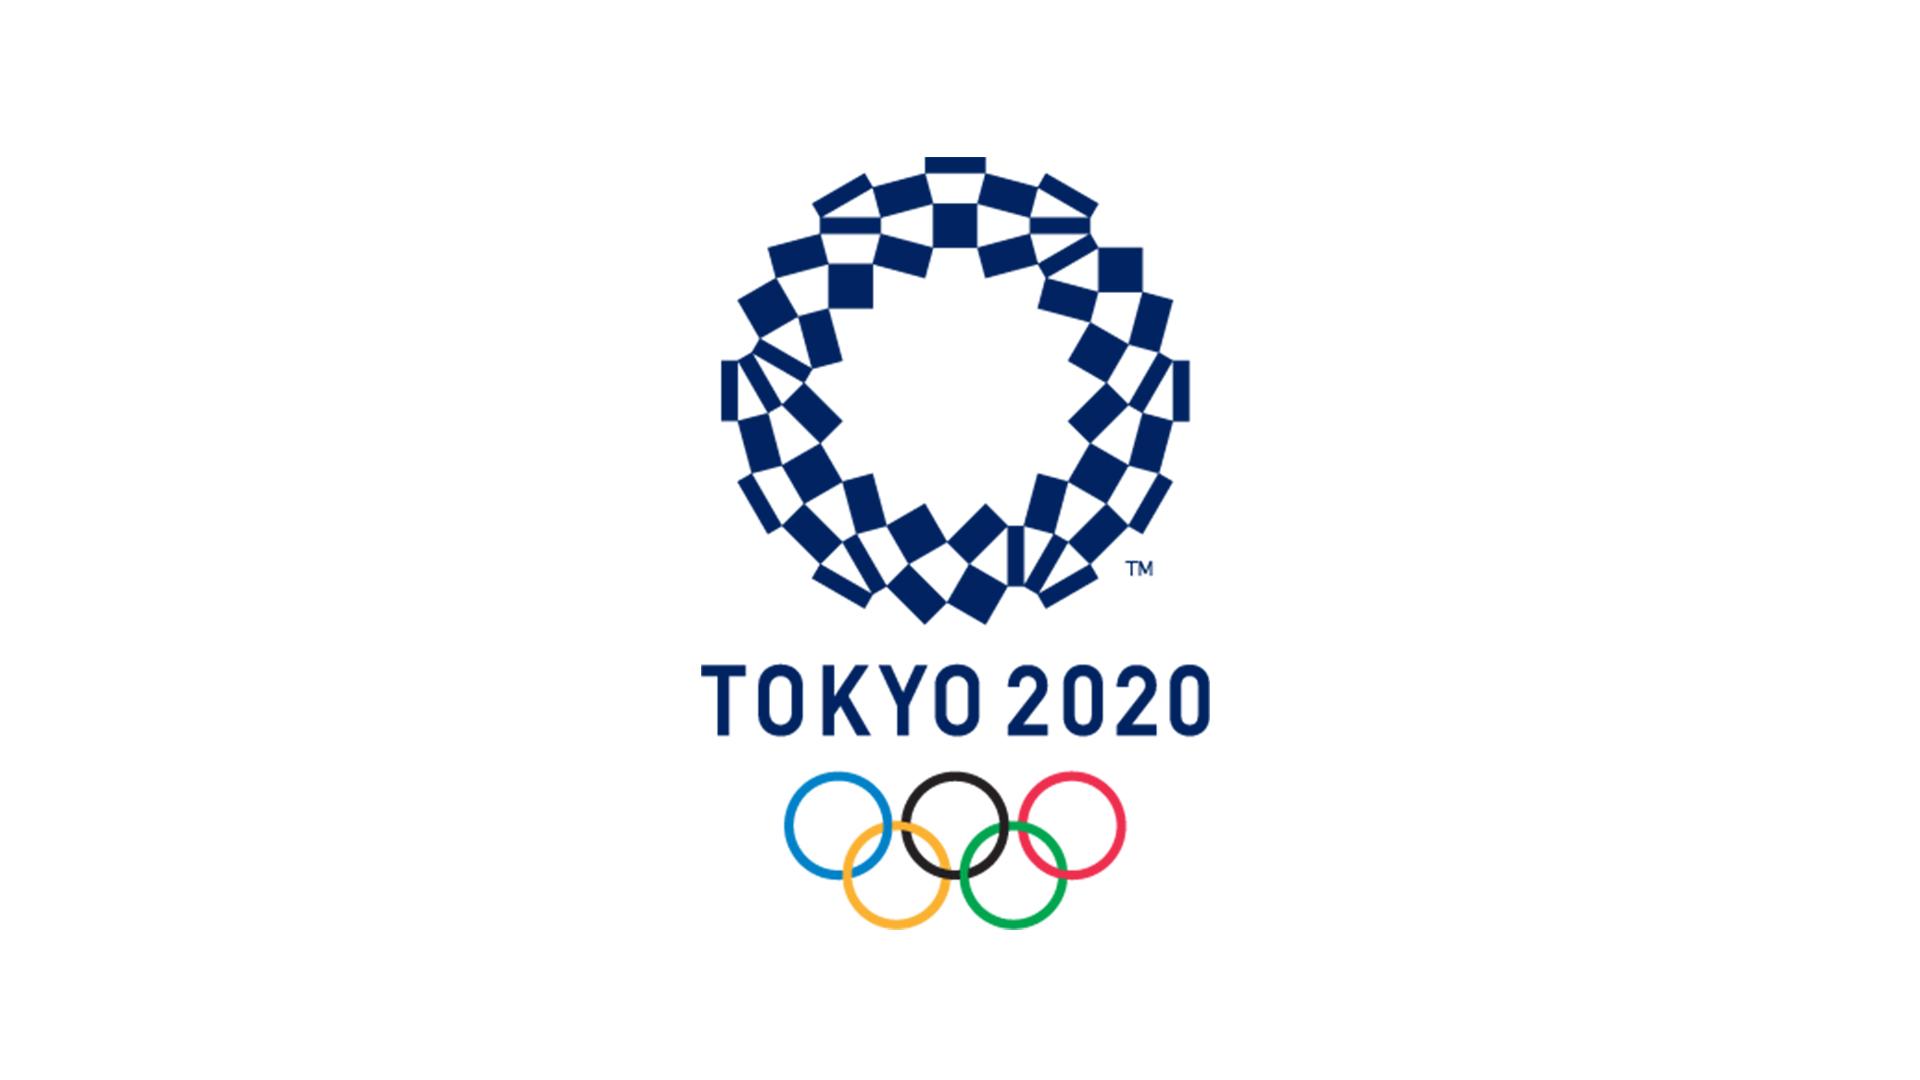 Türk Sporu İçin Sonsuz Heyecanla… Tokyo 2020 Olimpiyatları'na Geri Sayım Başladı